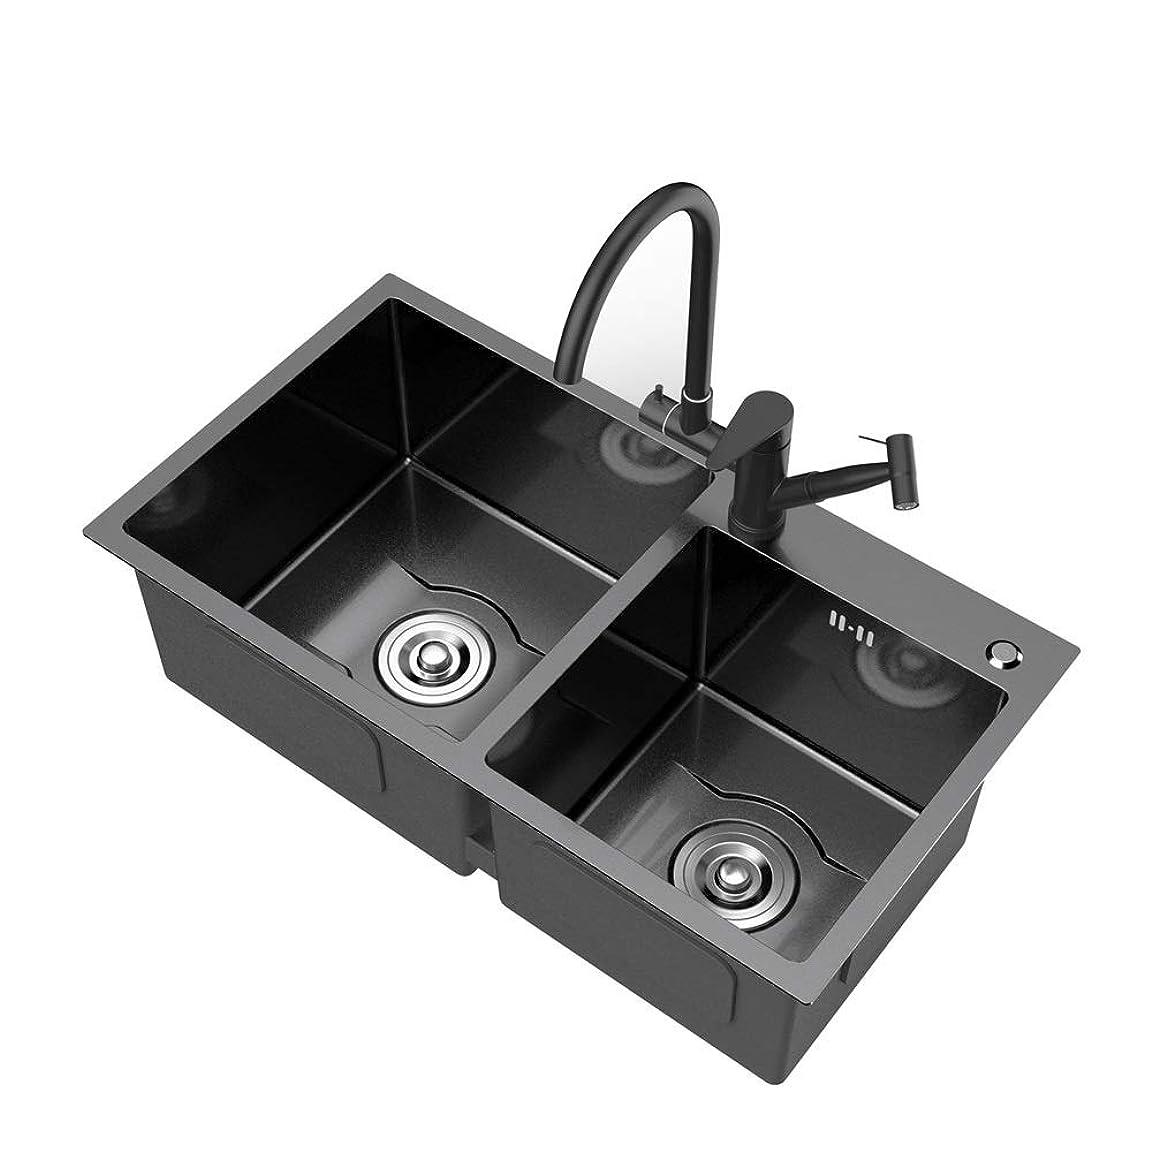 現れる銛提出するシンク 304ステンレス鋼のマニュアルシンクダブルシンクキッチンシンク肥厚洗面 キッチンシンク (色 : Black, Size : 80x45cm)